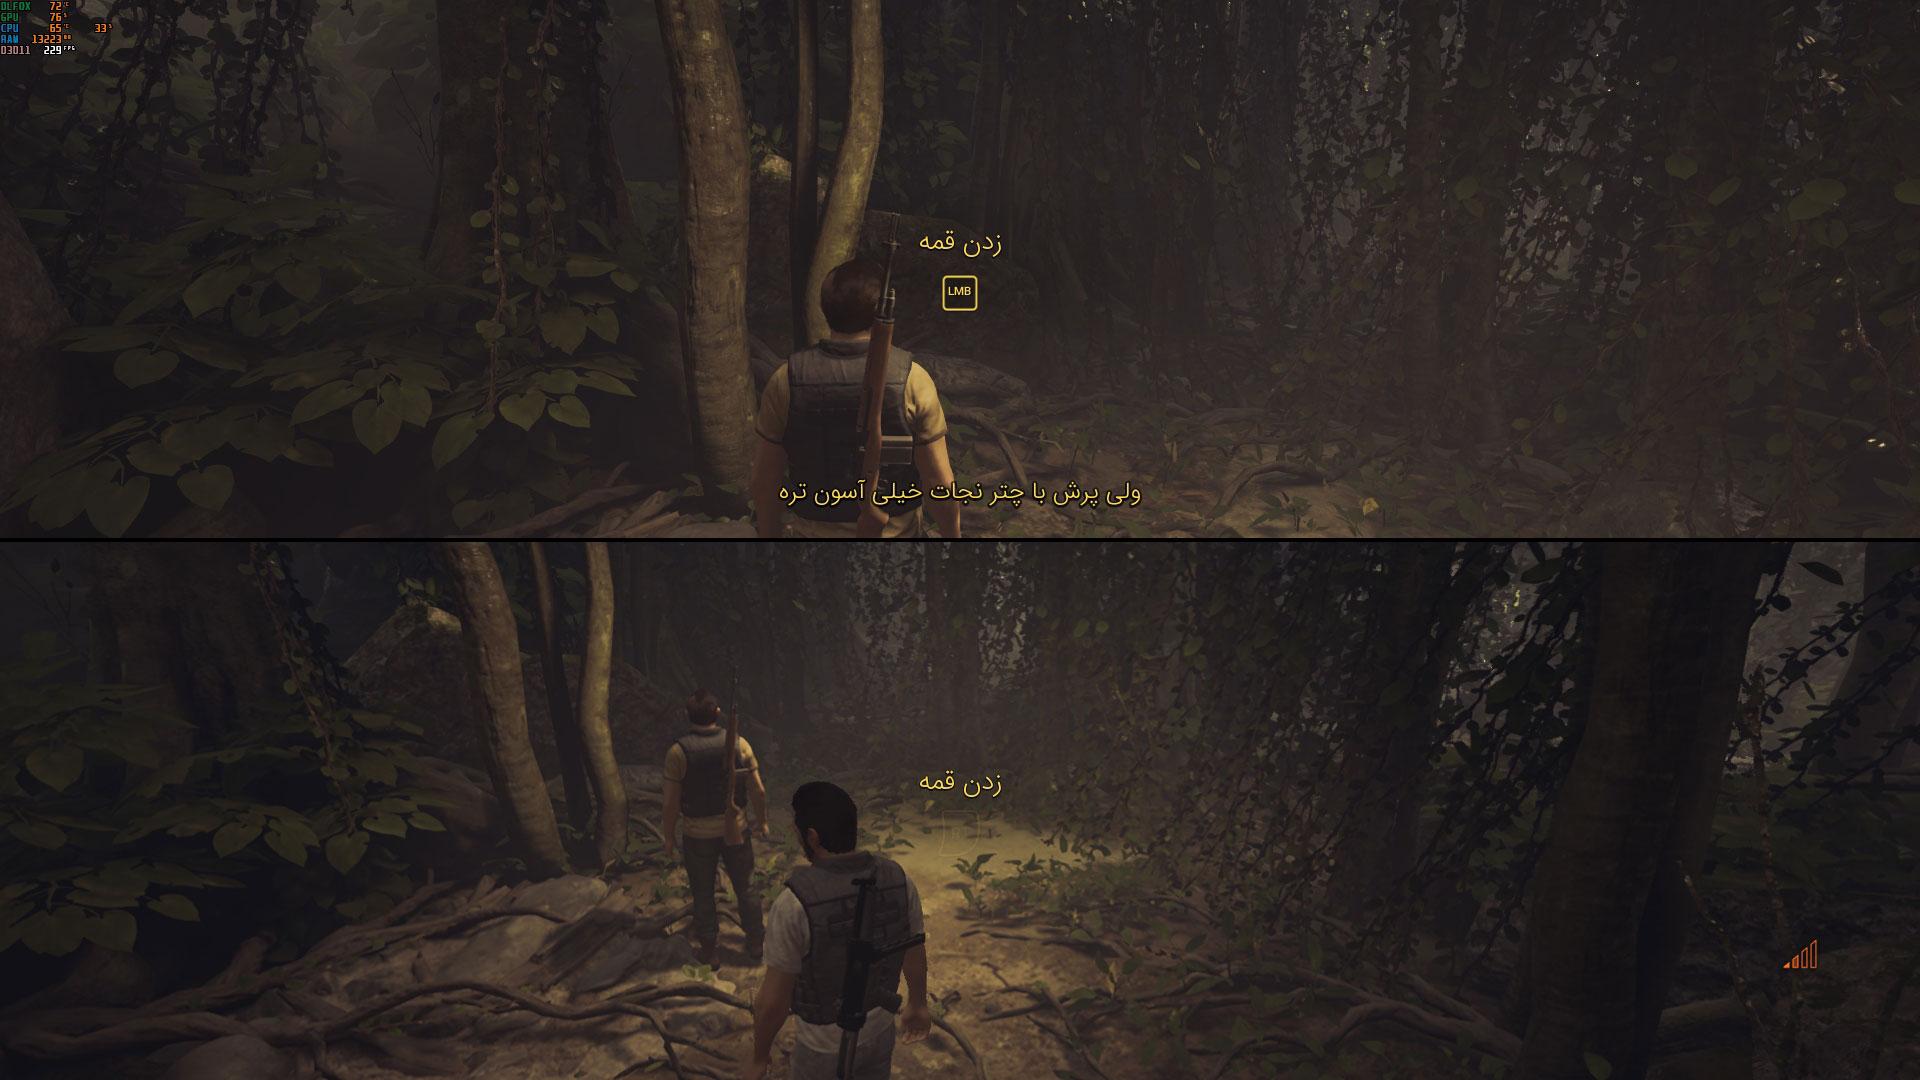 فارسی ساز بازی A Way Out برای PC و PS4